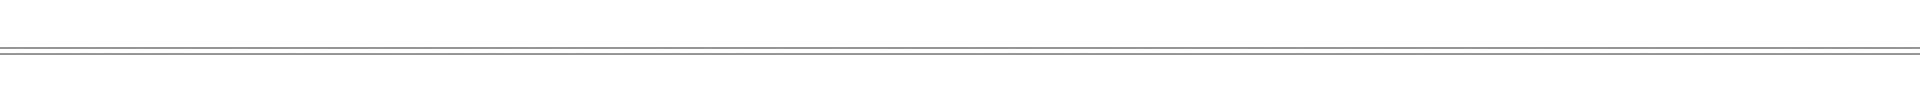 Lines_Double1.jpg